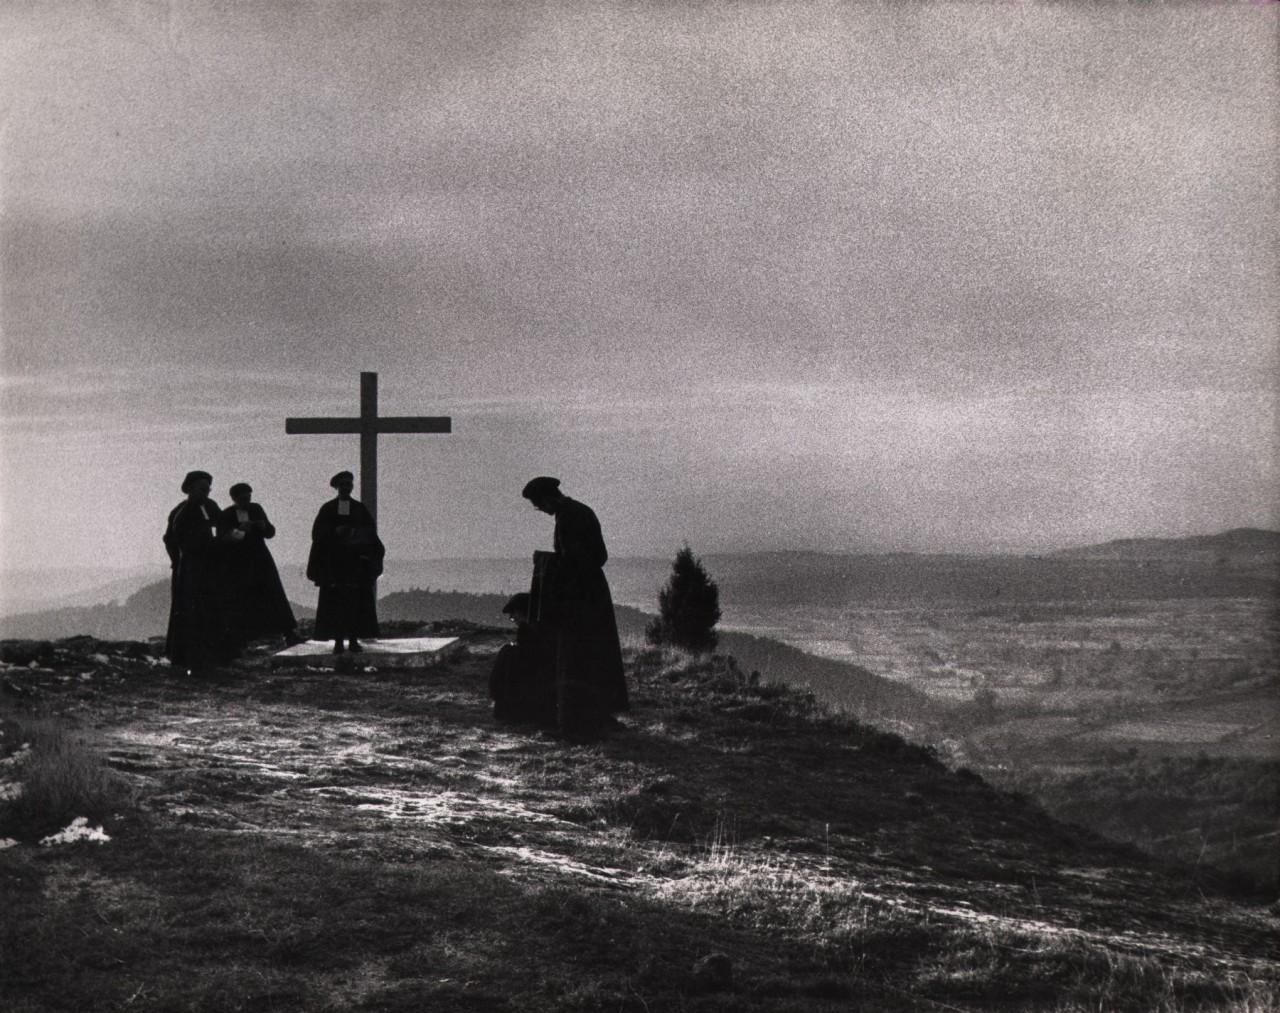 Франция, 1956.  Фотограф Сабина Вайс